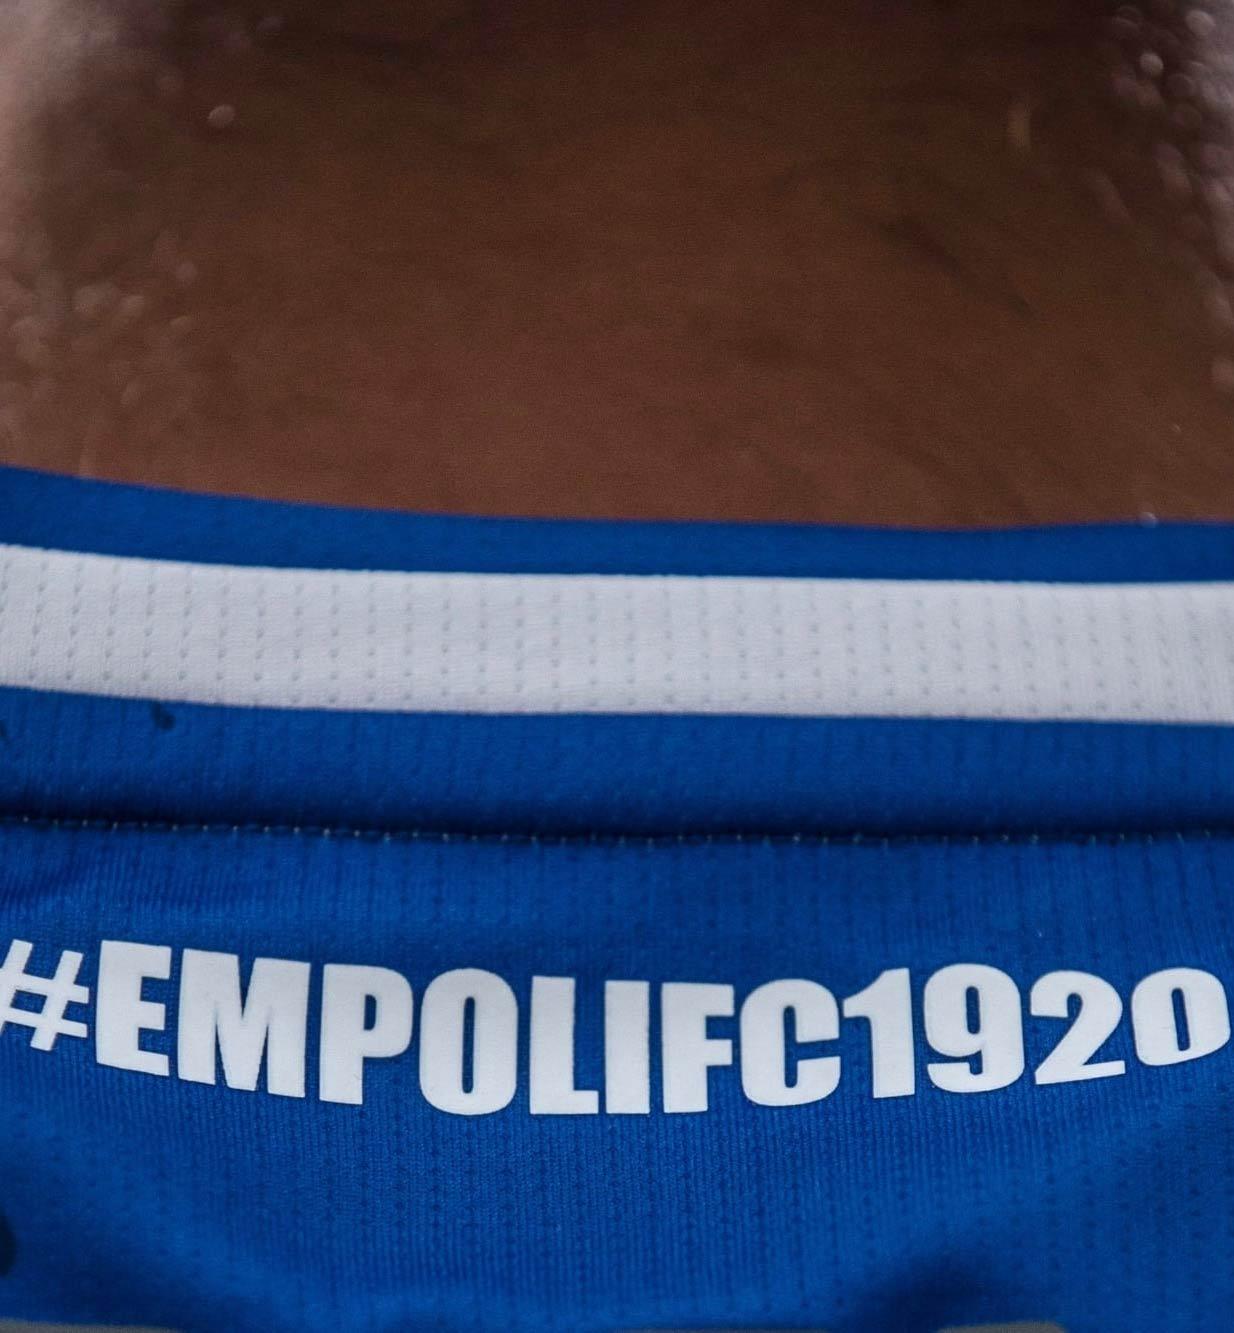 Scritta EmpoliFc1920 retro colletto